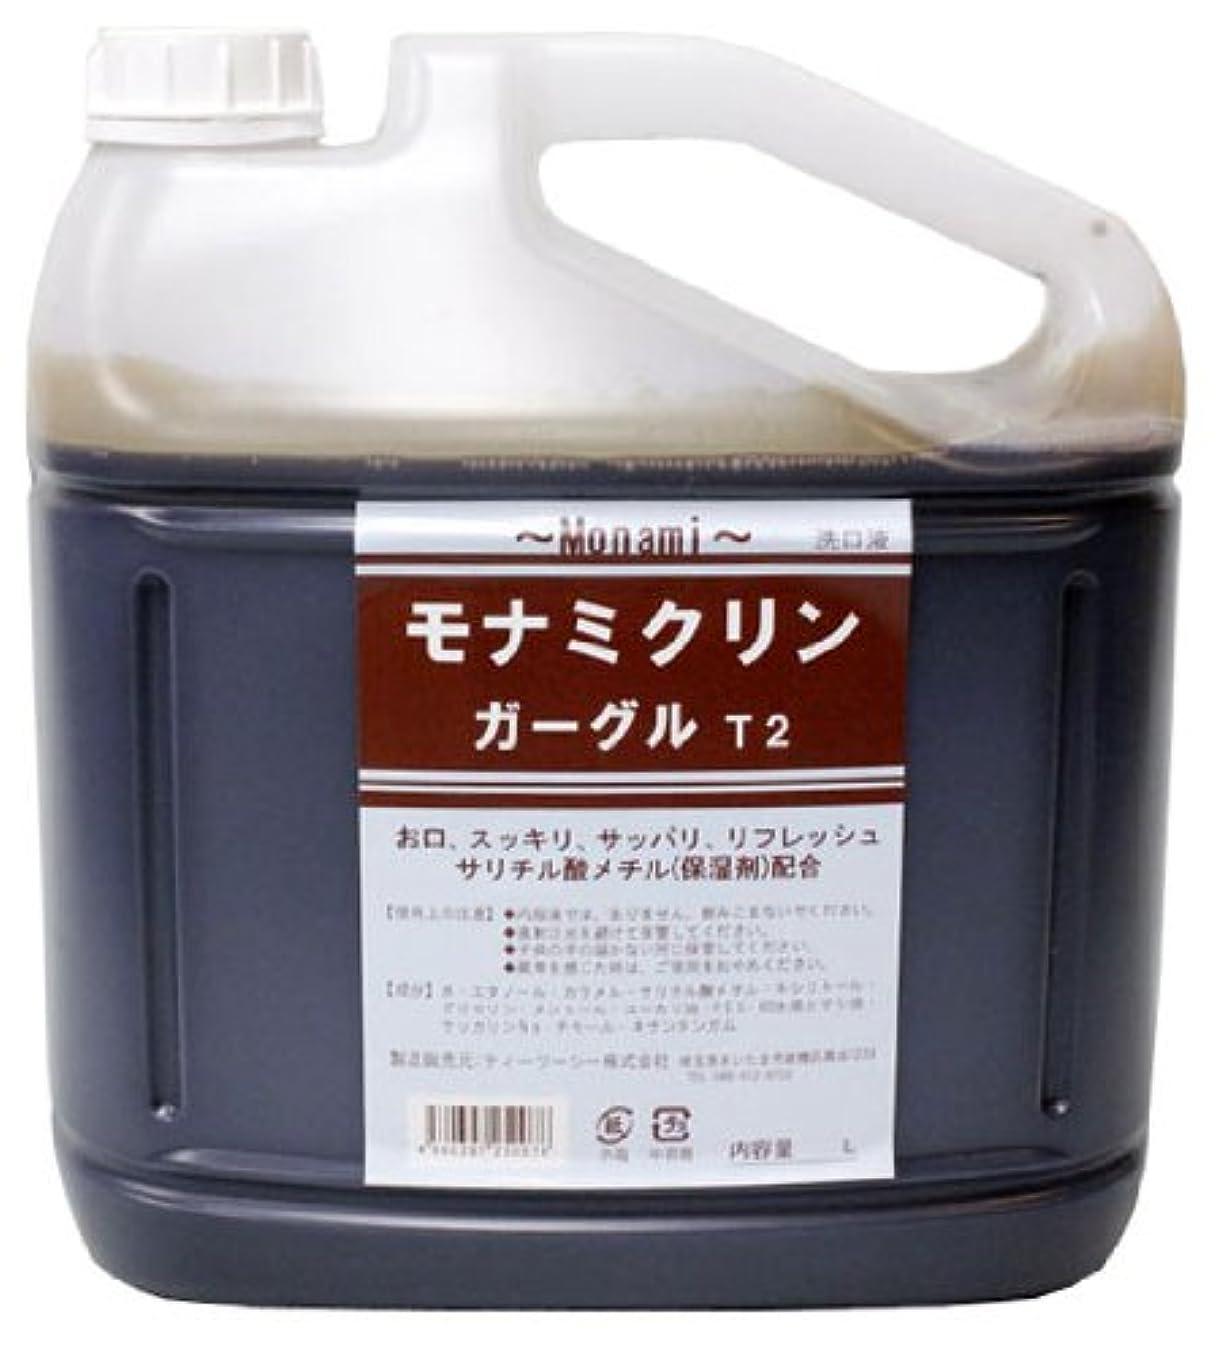 矩形カフェテリア離れた【業務用】モナミ クリンガーグルT2 5リットル サリチル酸メチル配合